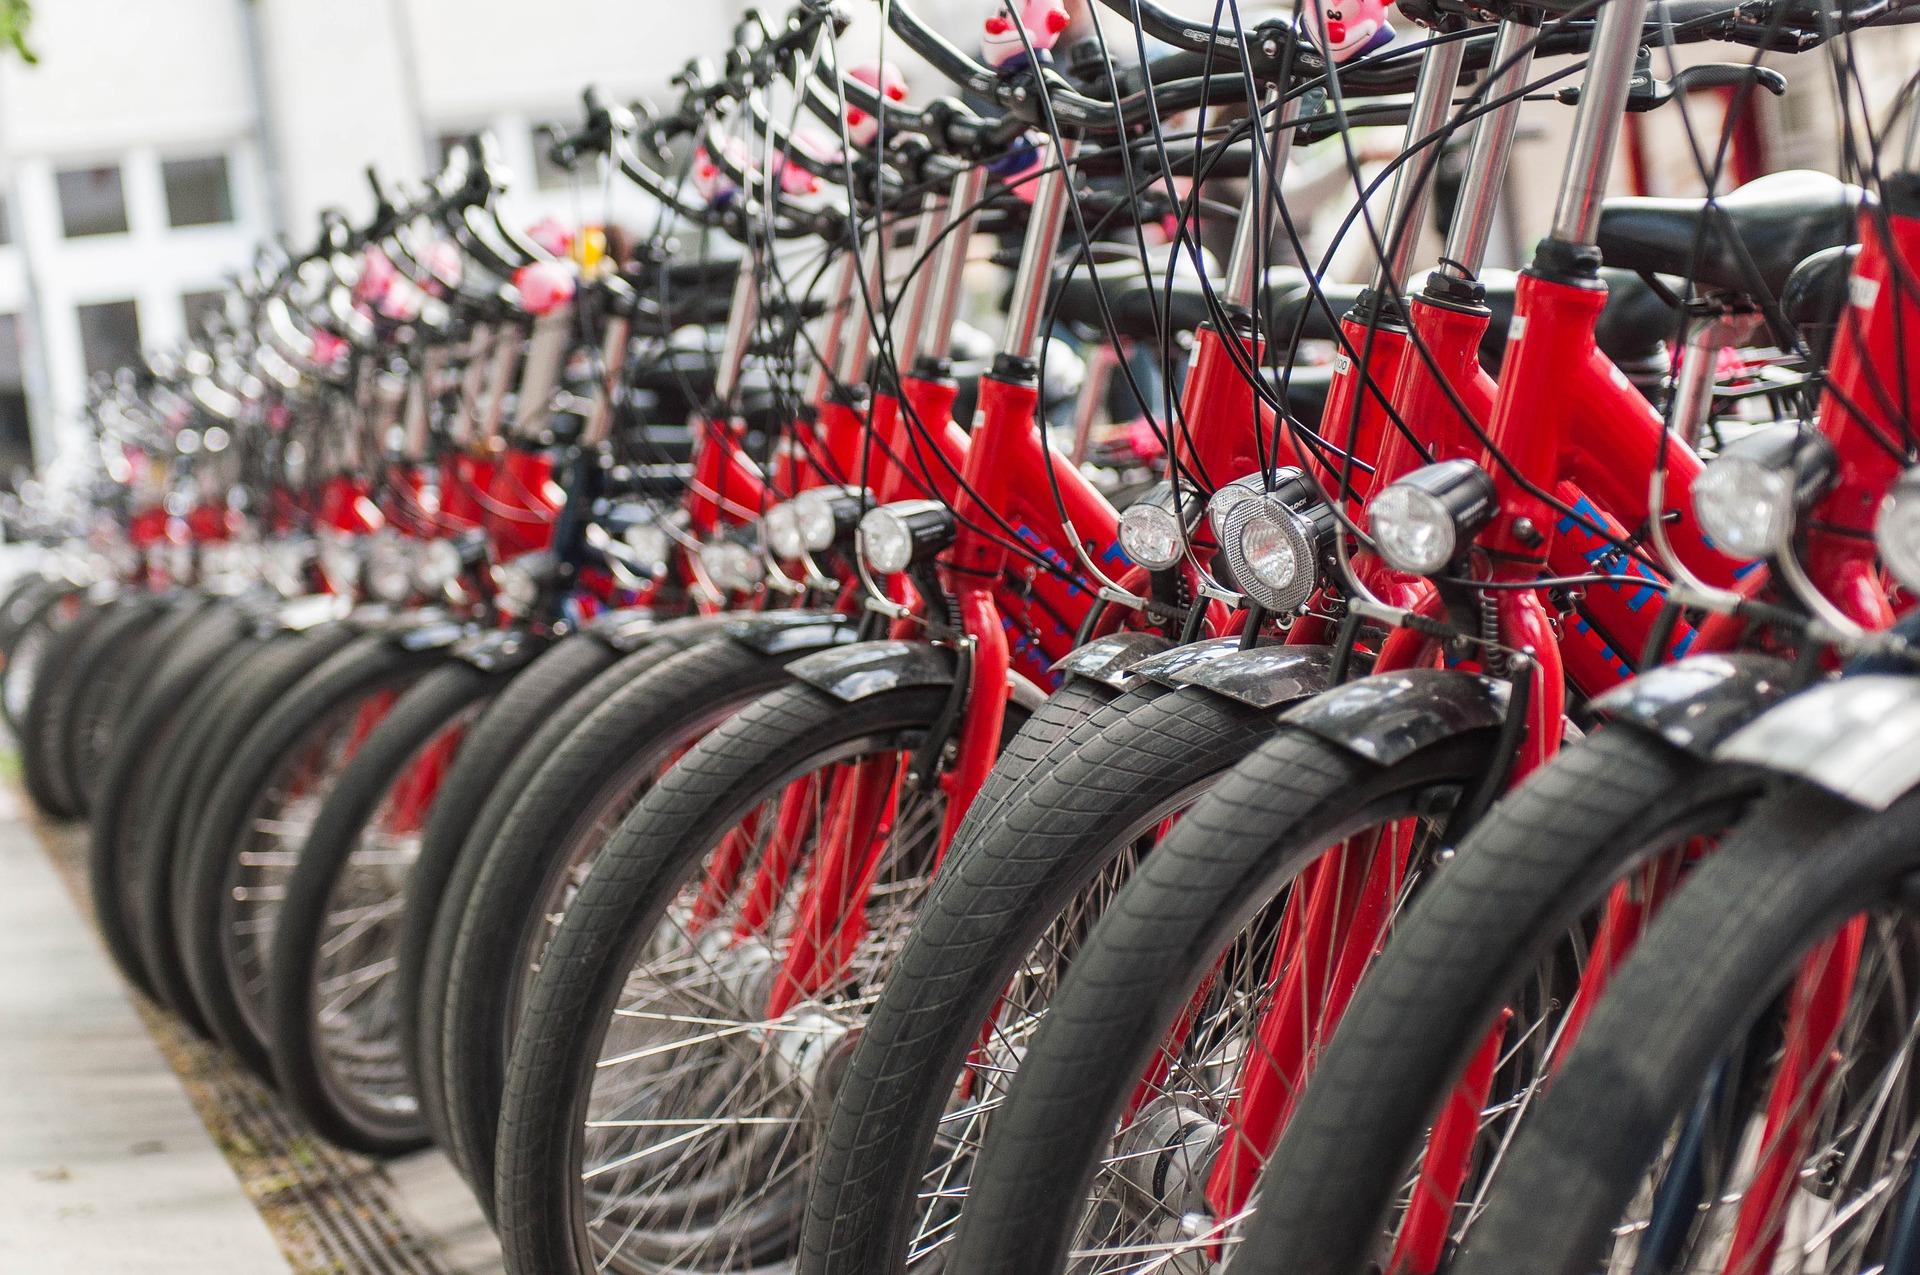 Las mejores rutas para descubrir la Toscana en bicicleta